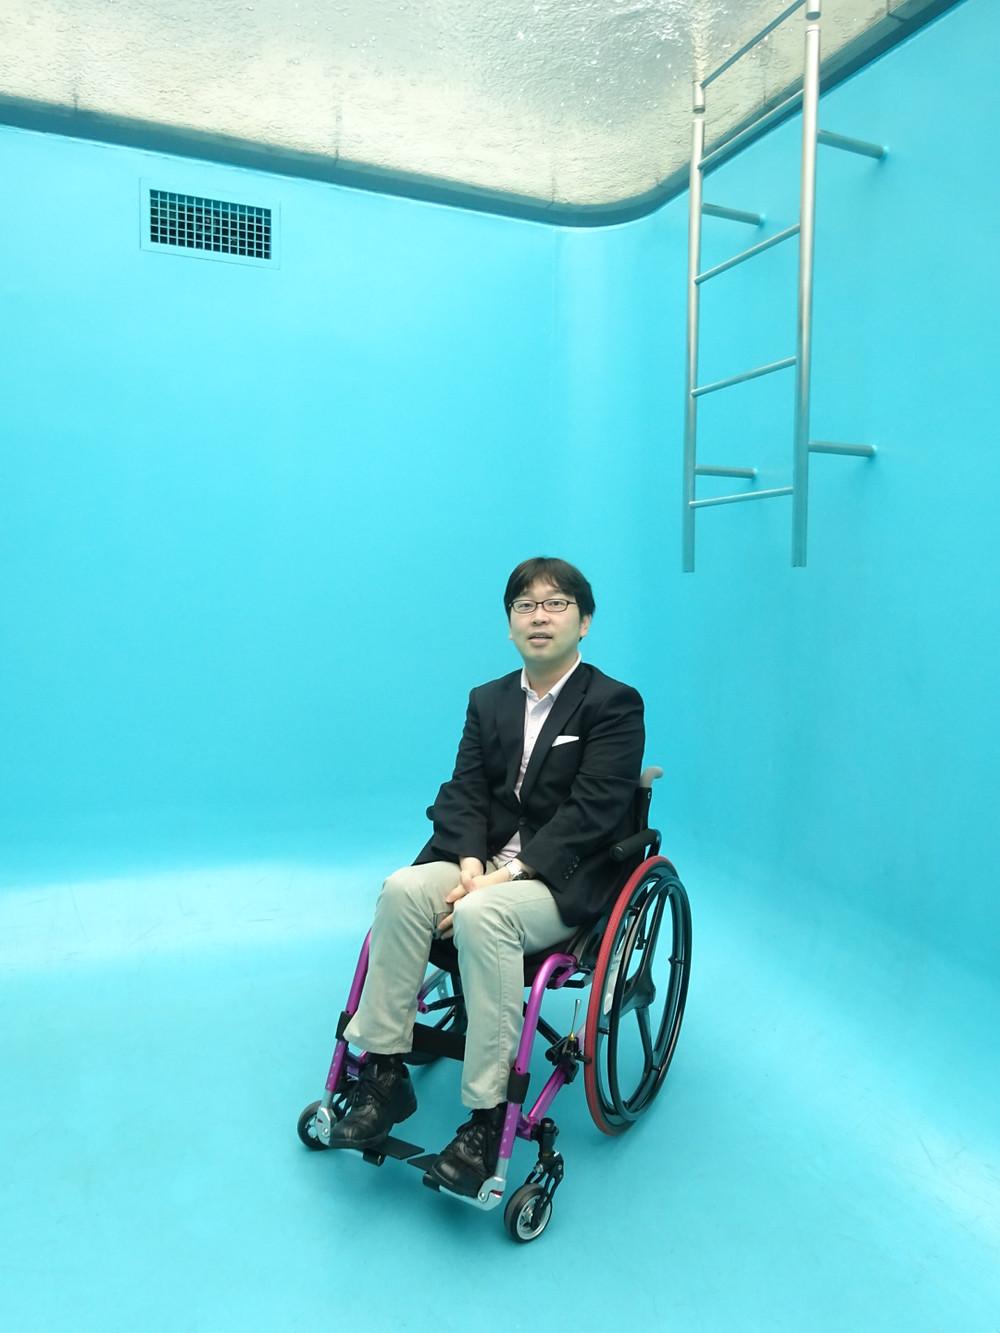 プールの作品の中の櫻井純